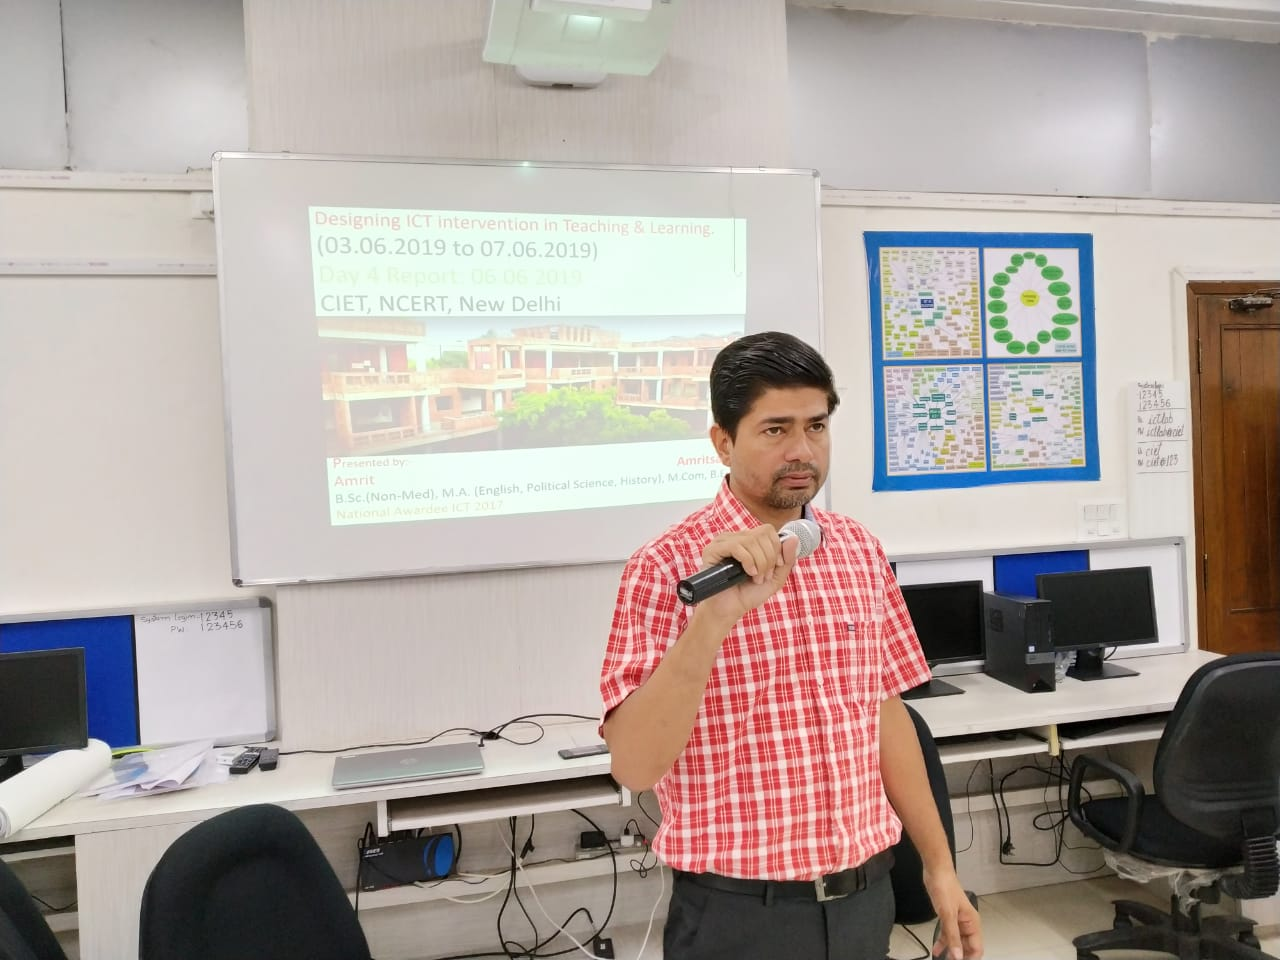 Presentation at CIET, New Delhi